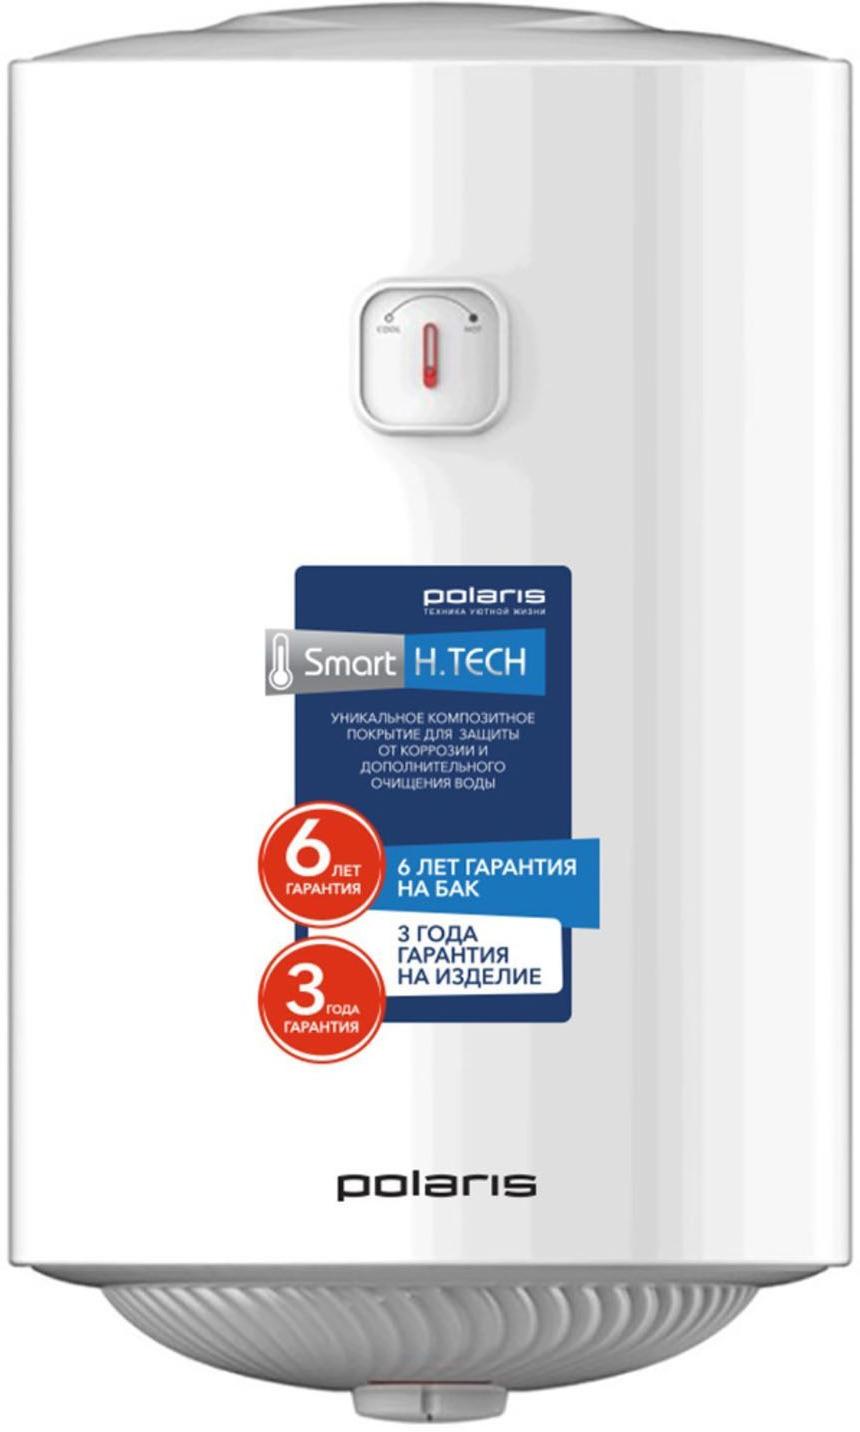 Водонагреватель электрический Polaris PM 80V Slim, настенный, белый, 80 л